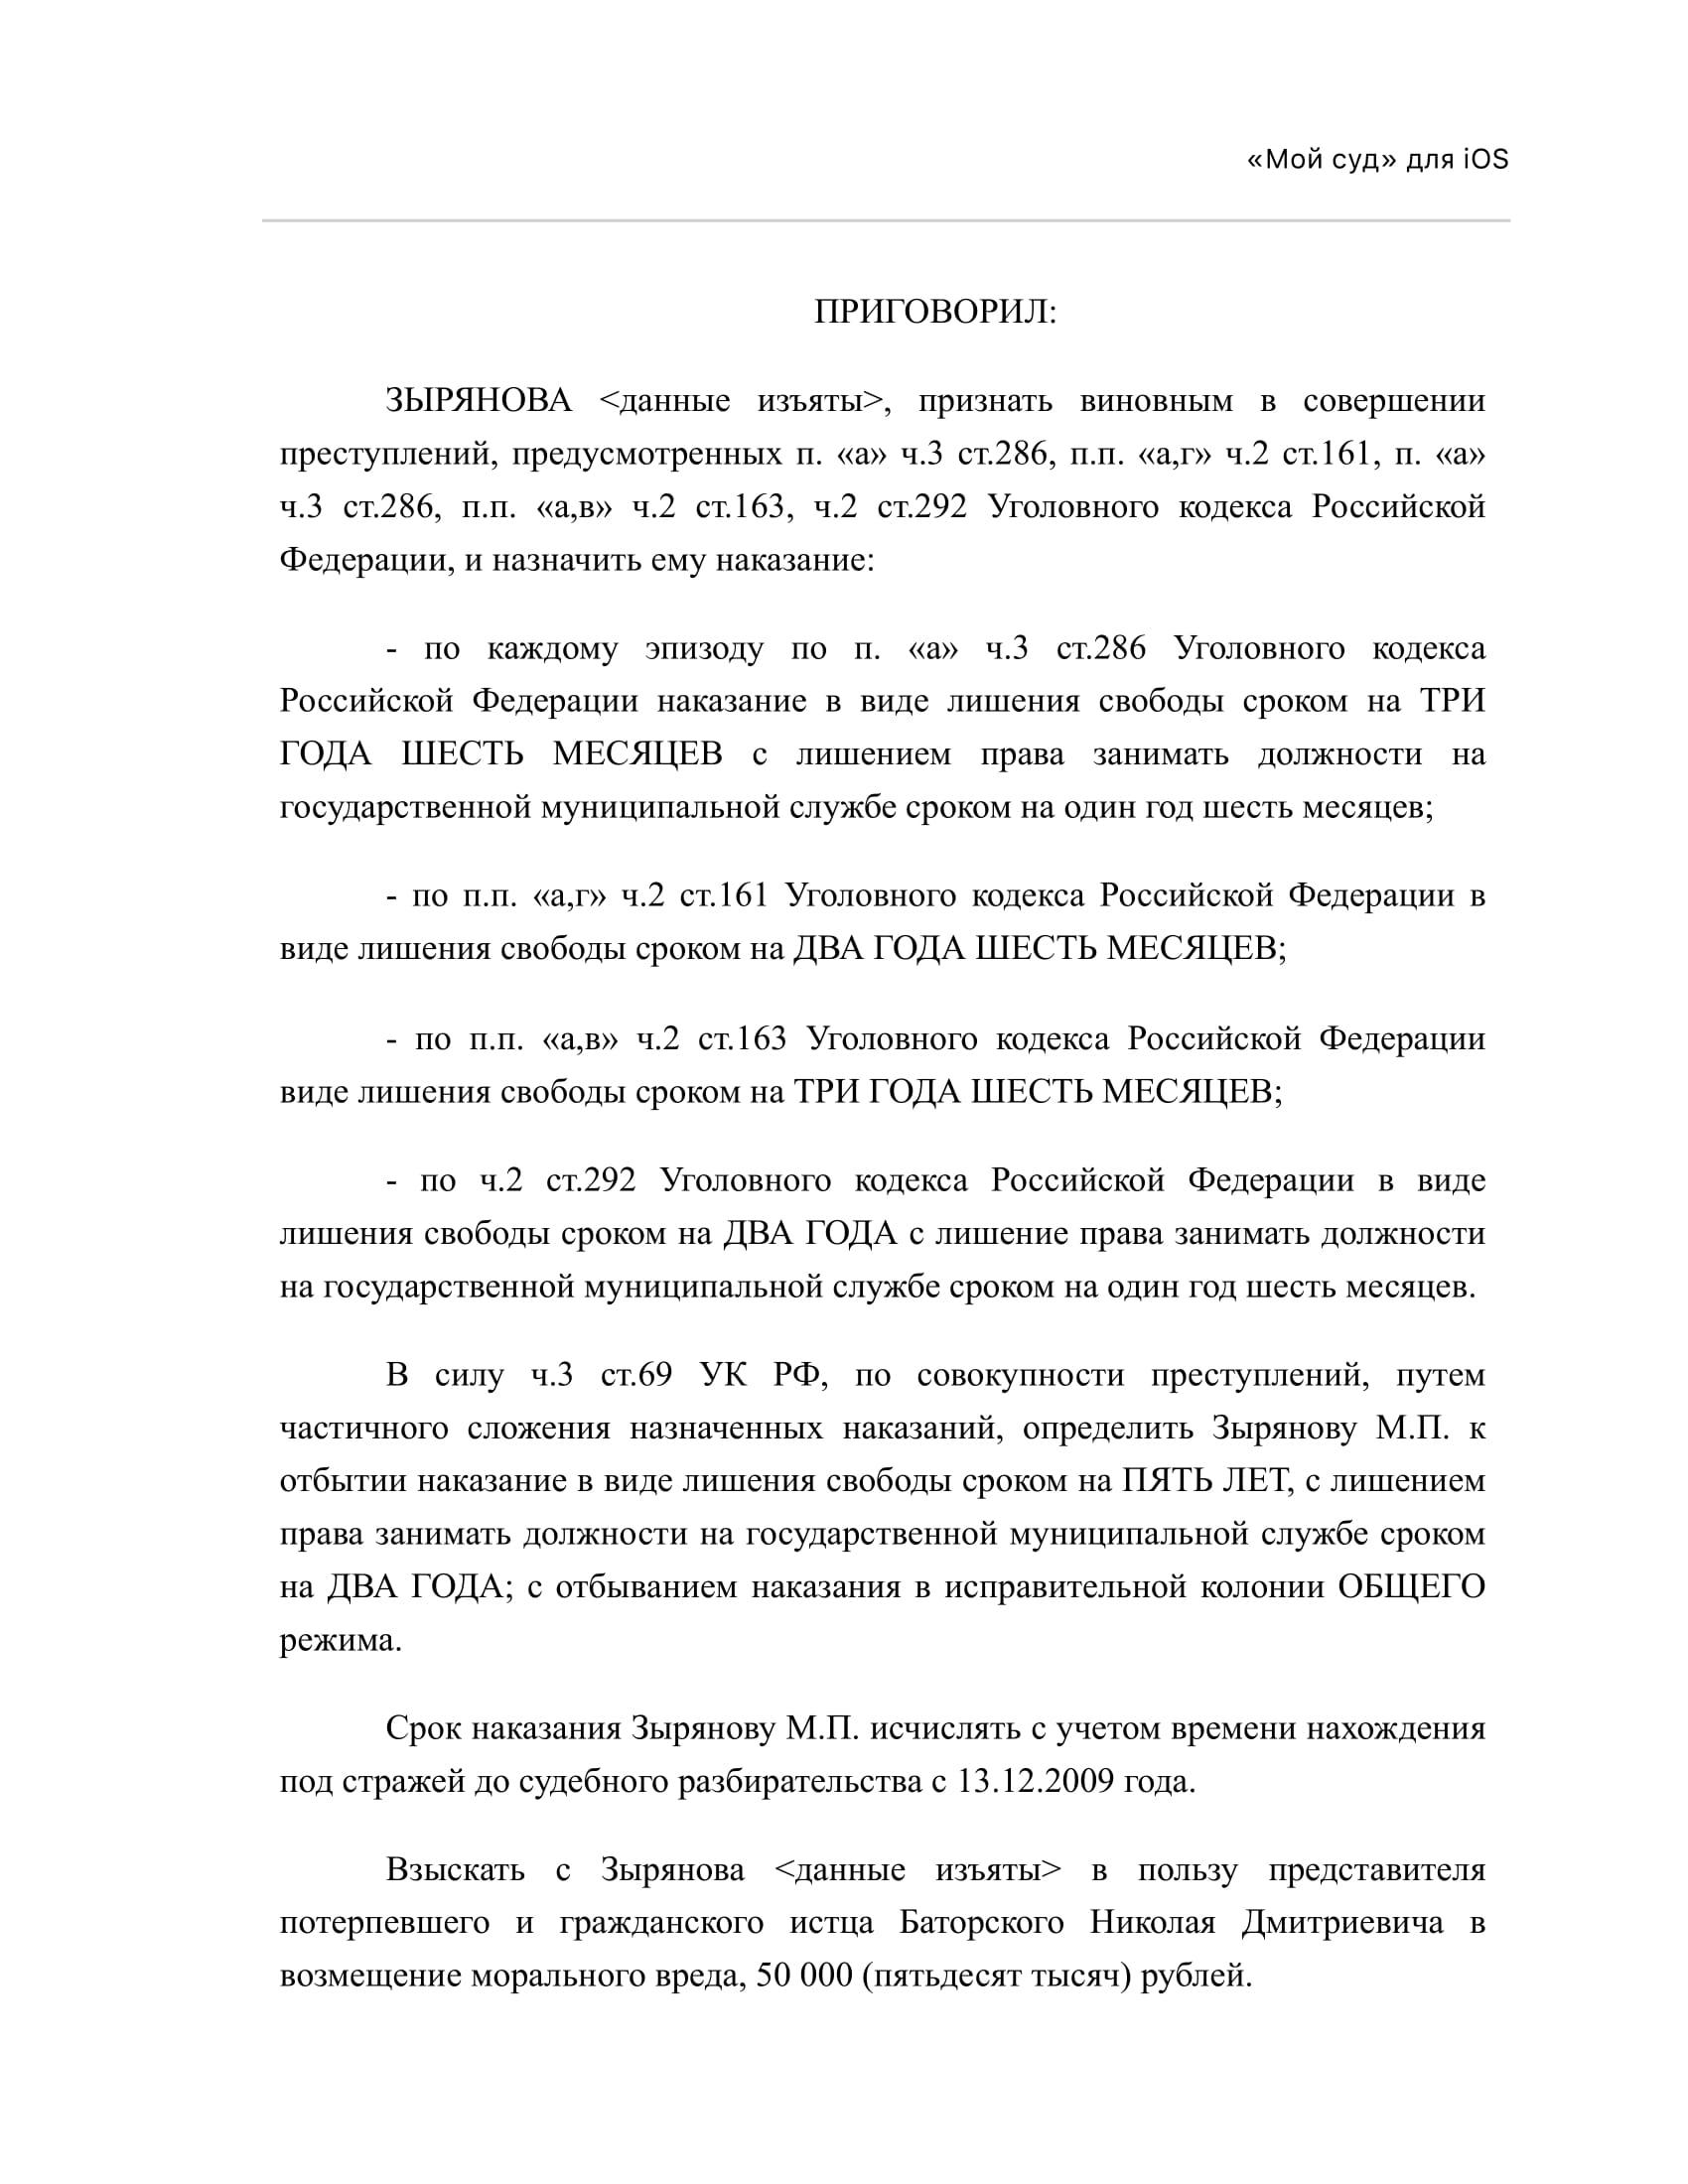 Частный детектив или мошенник? Prigovor-zyiryanov-1-79